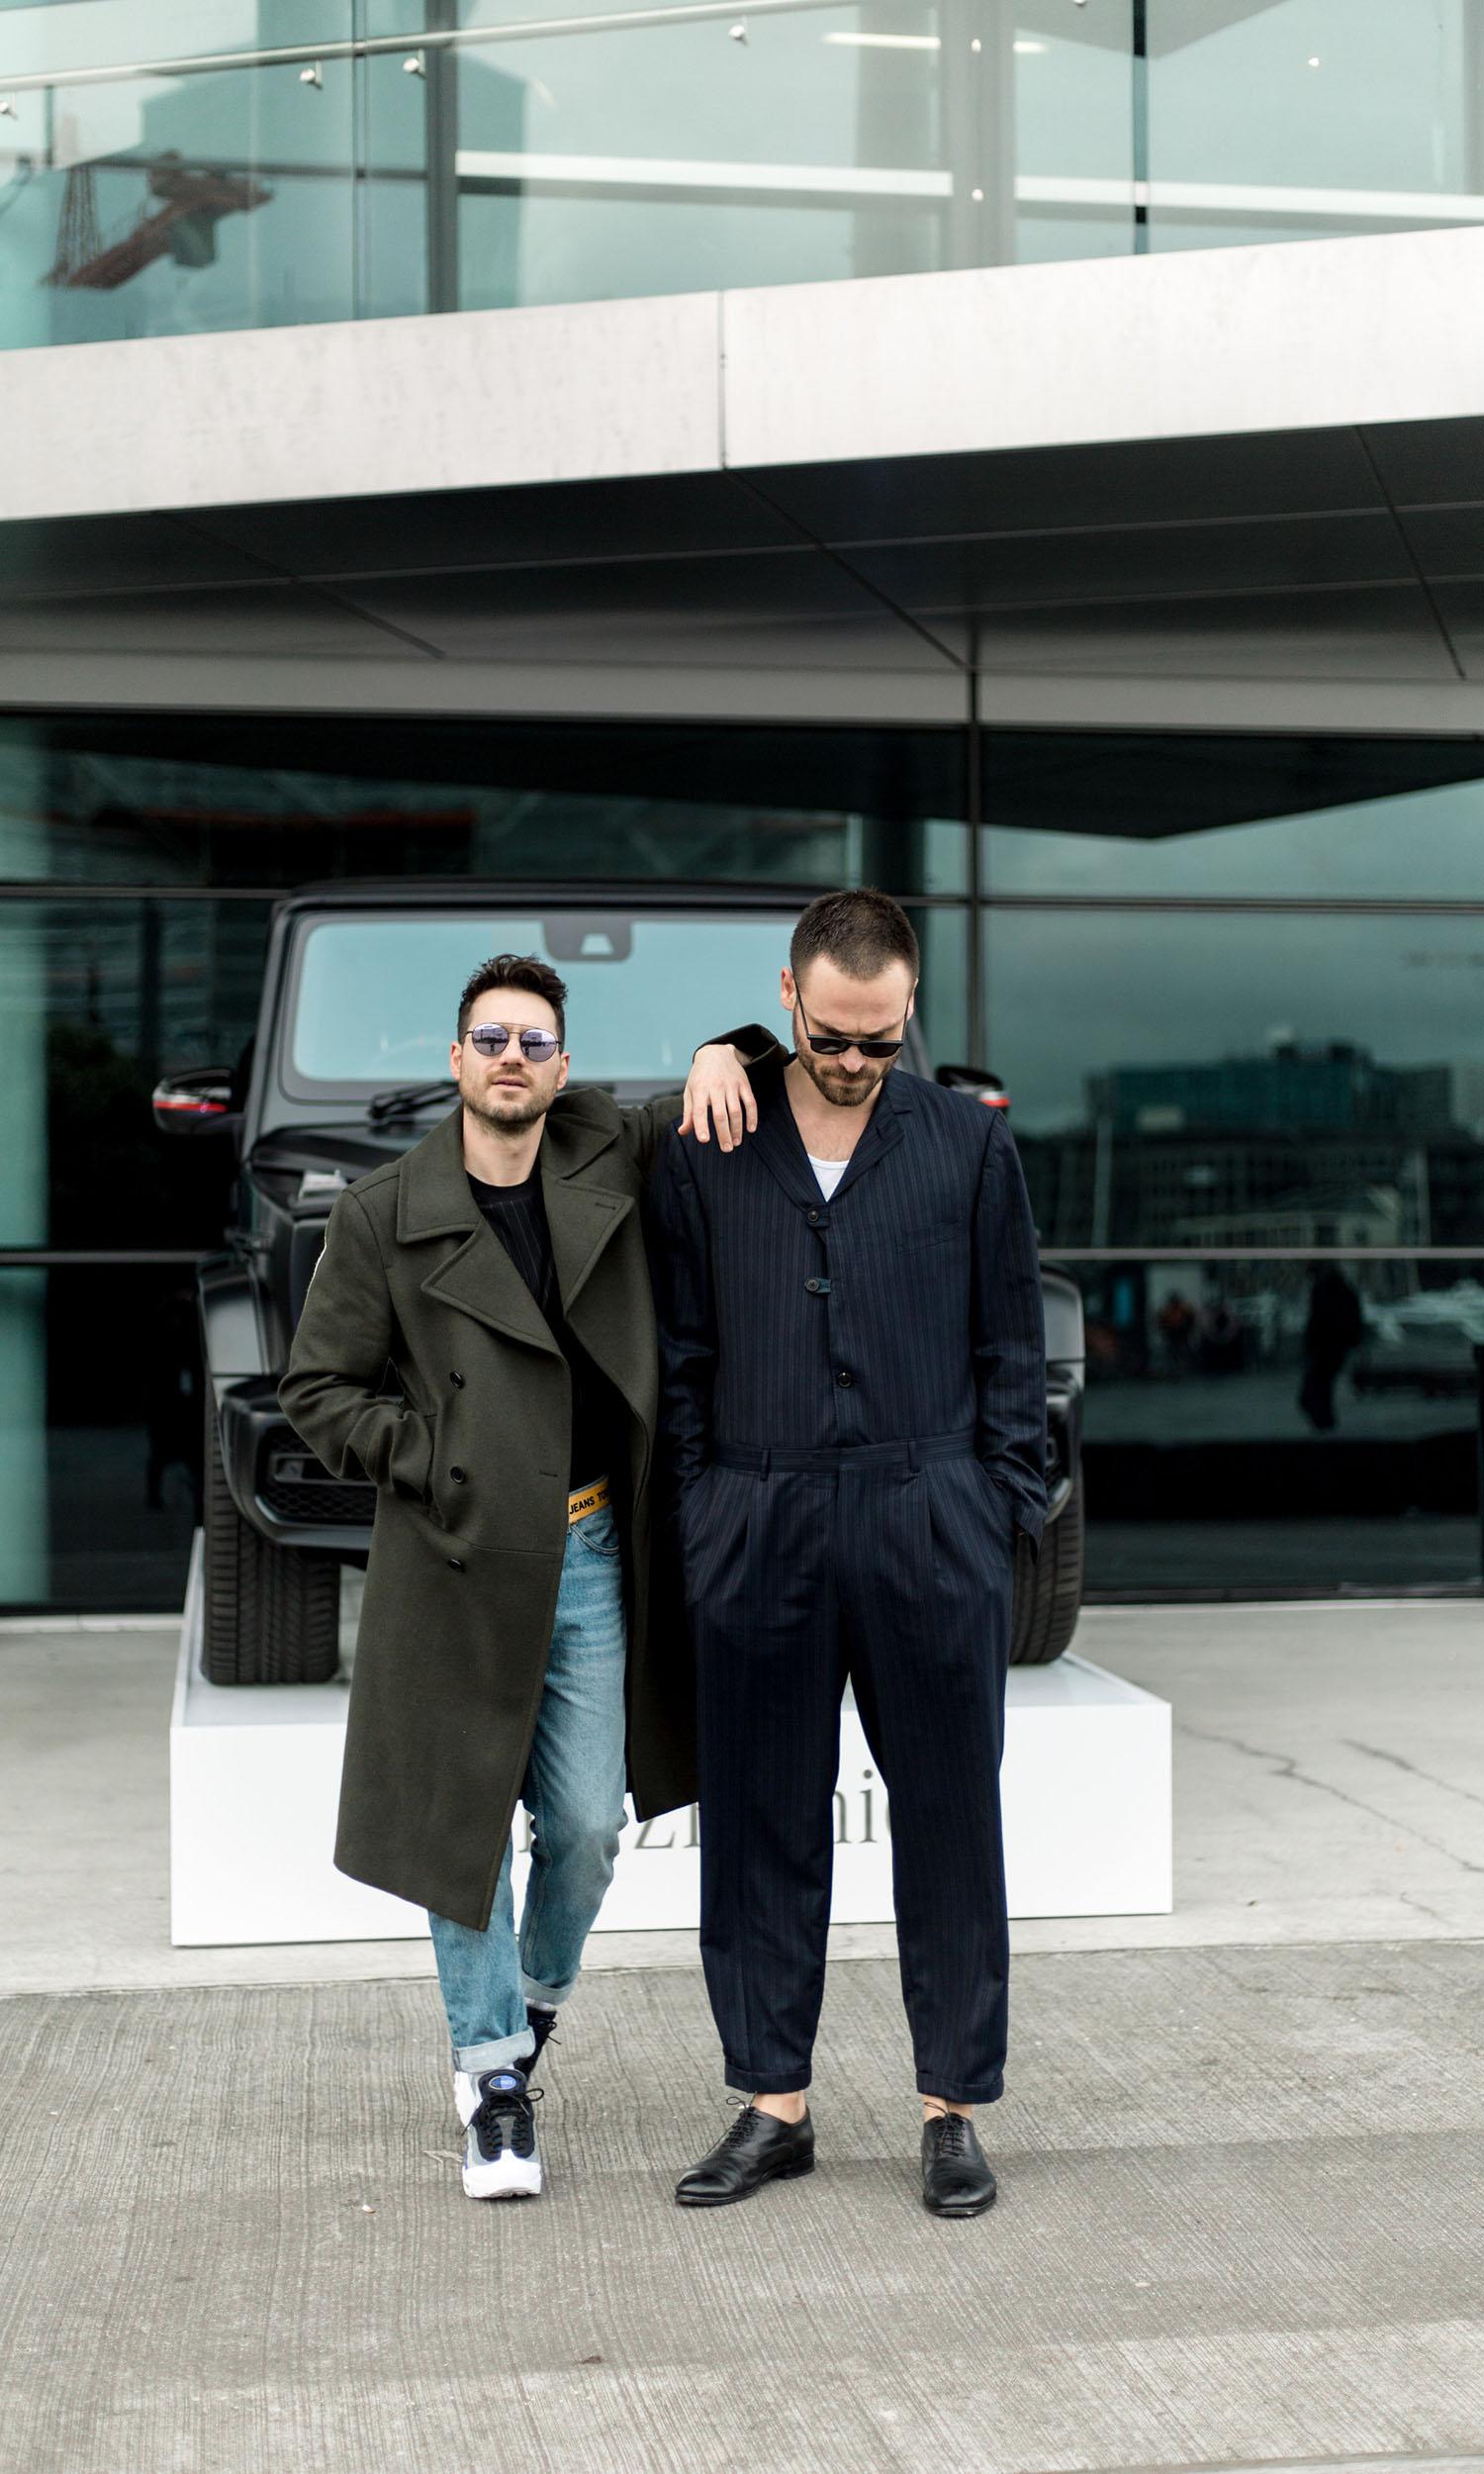 New_Zealand_Fashion_Week_The_Fashion_outfit_nz_jaheb_barnett_vlad tichen